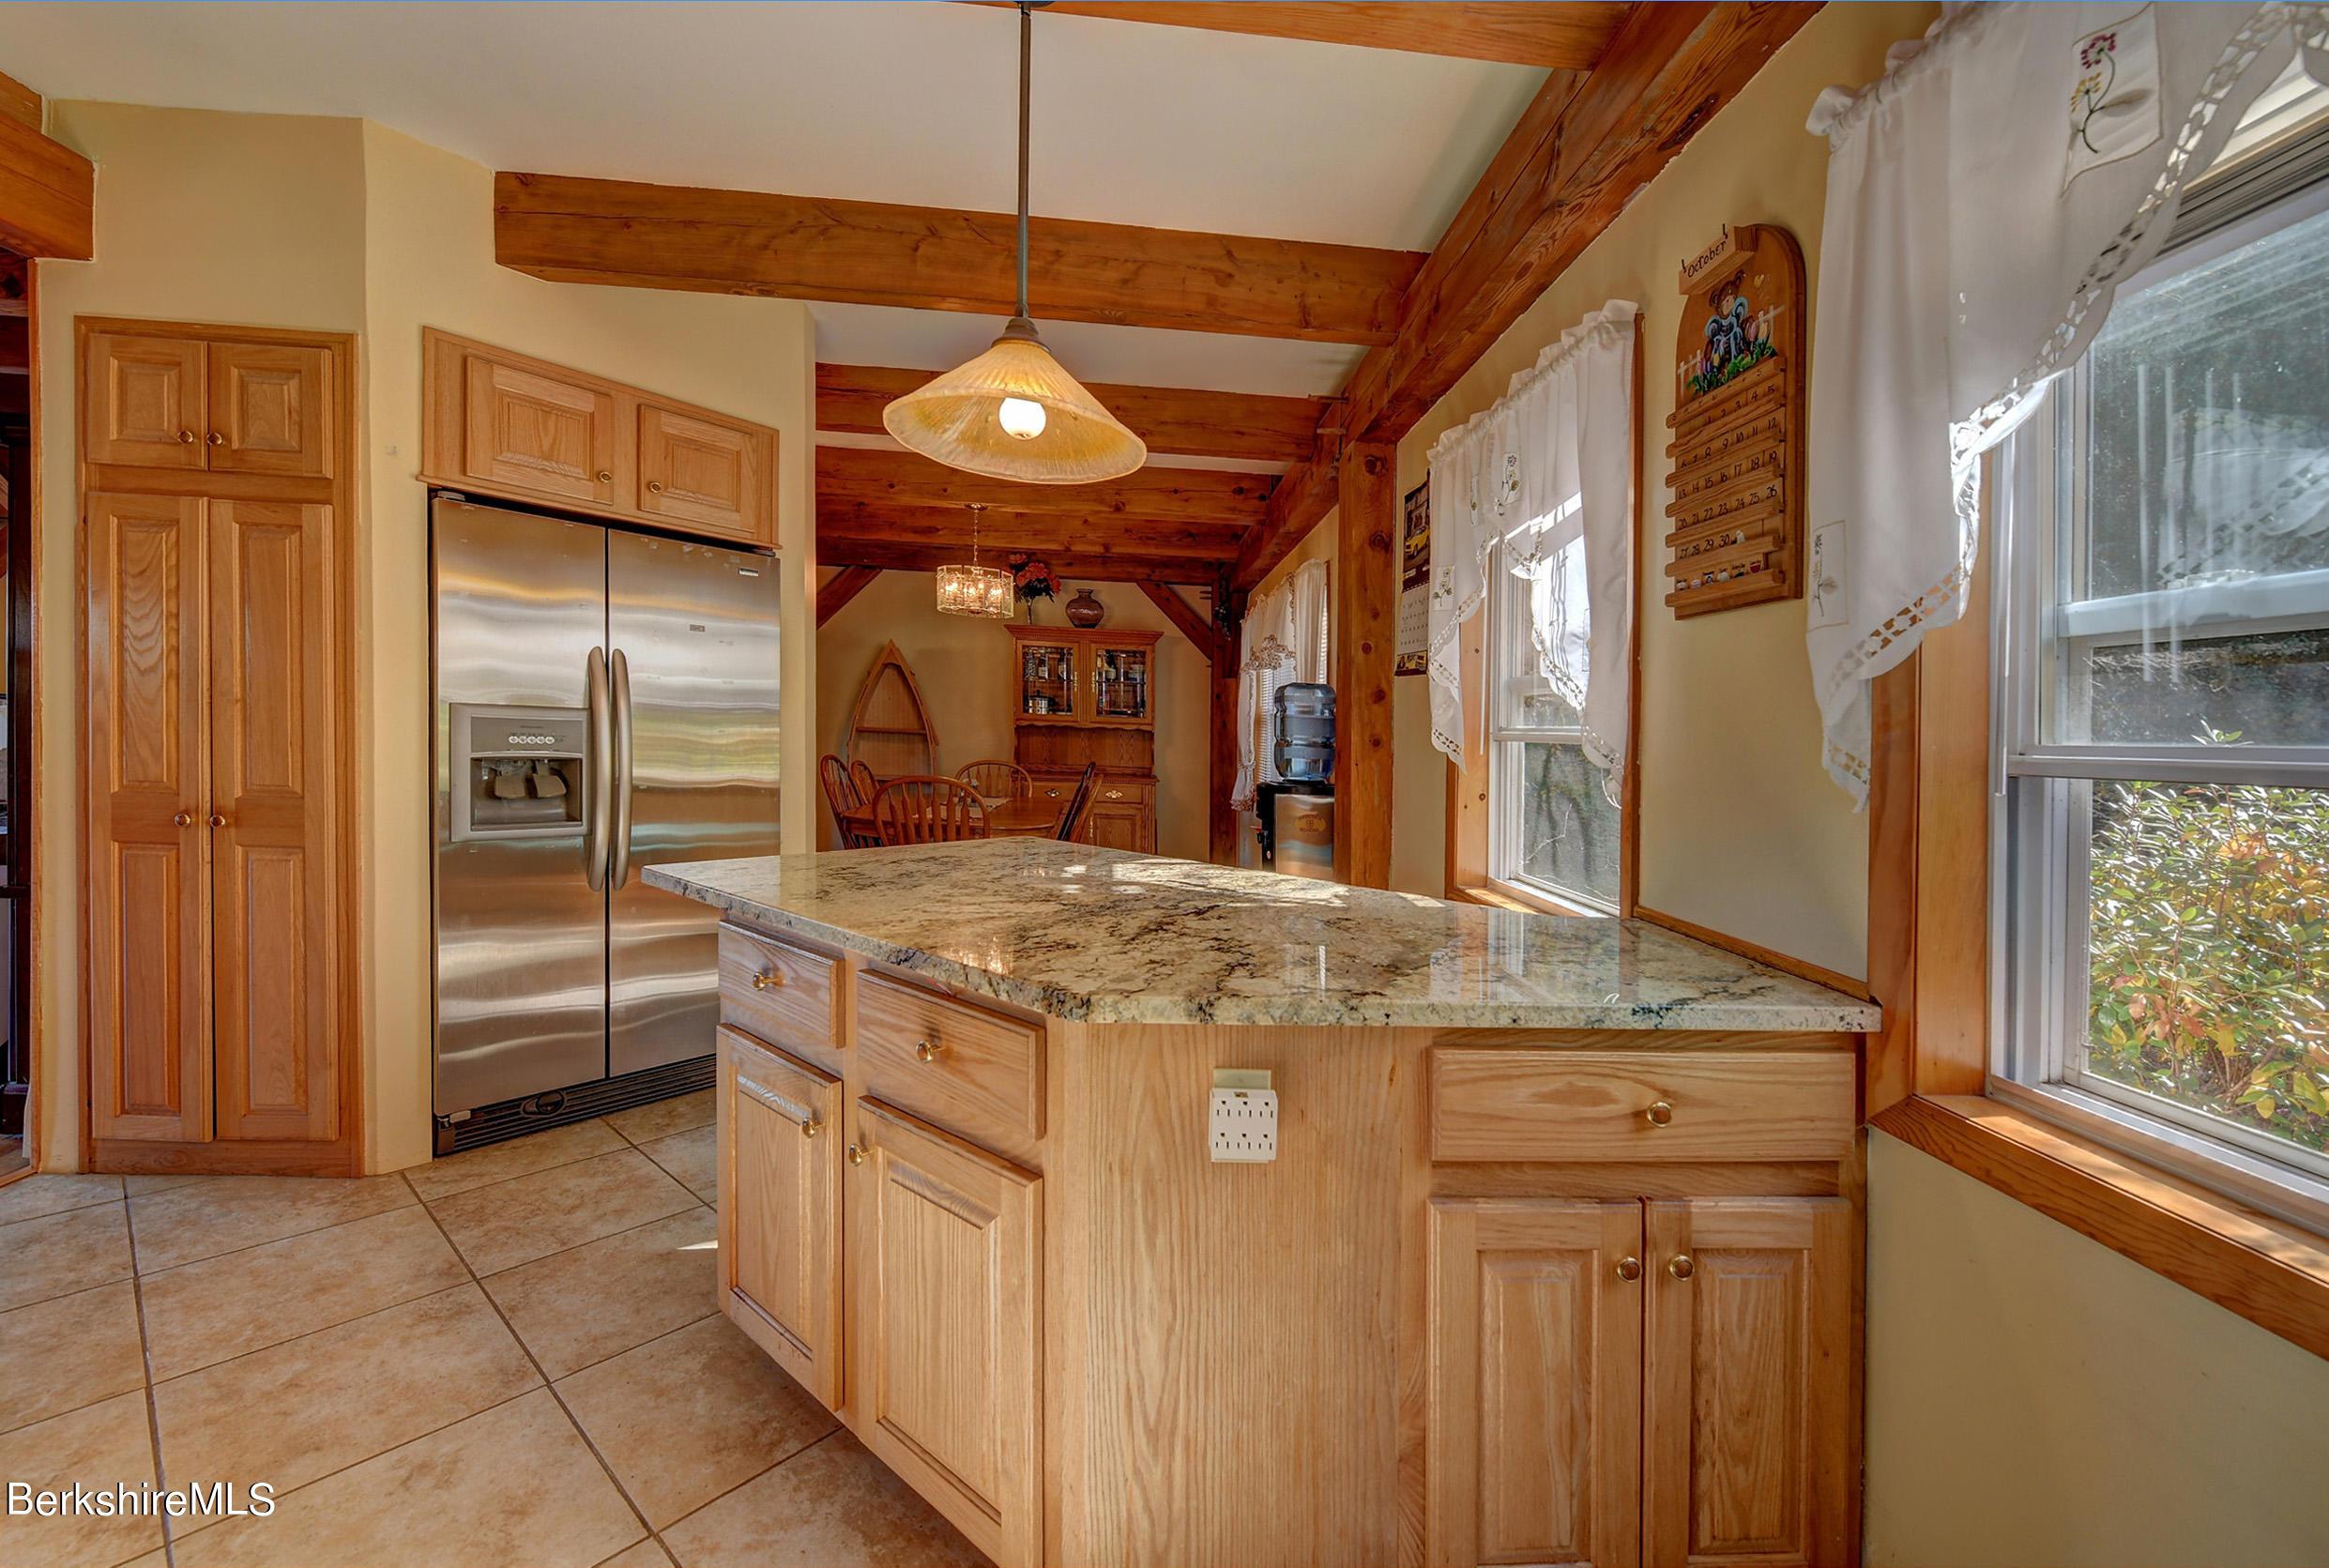 226 Kitchen